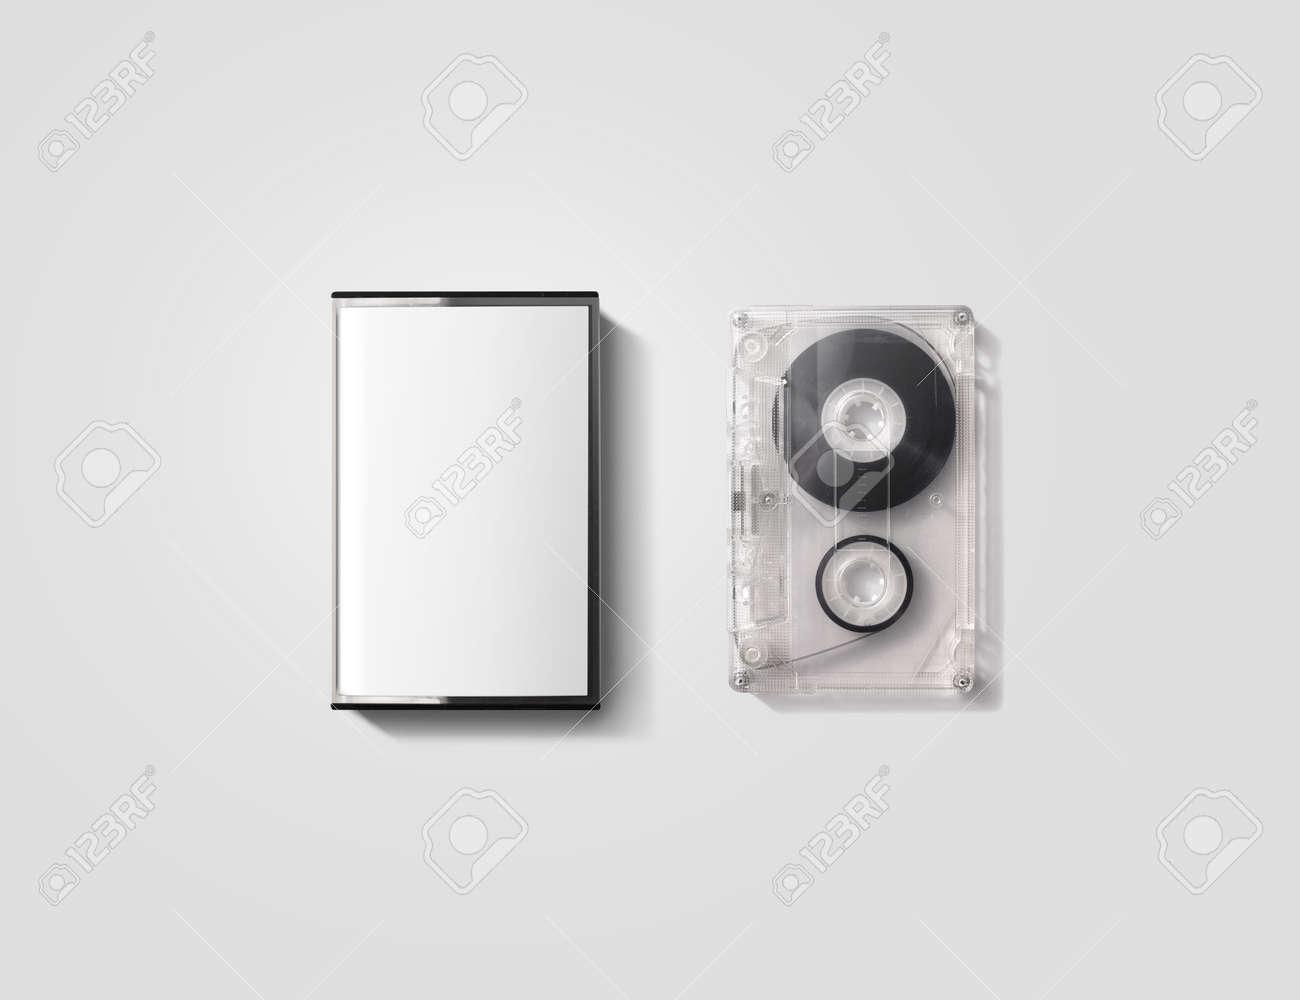 Blank cassette tape box design mockup, isolated - 57169728